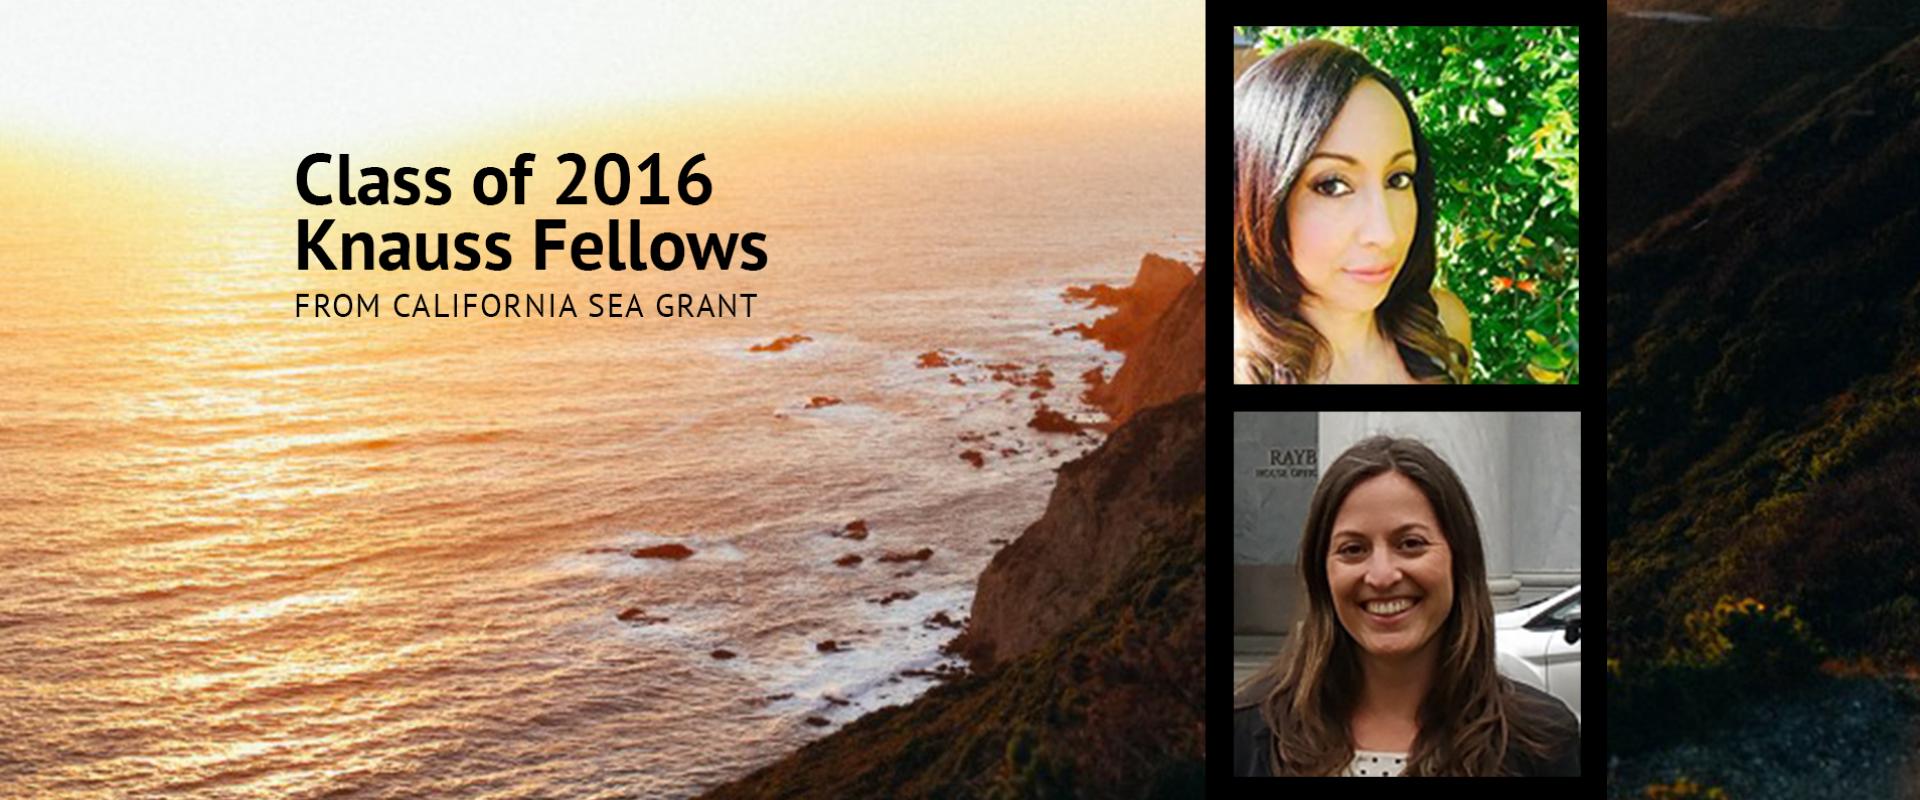 Class of 2016 Knauss Fellows